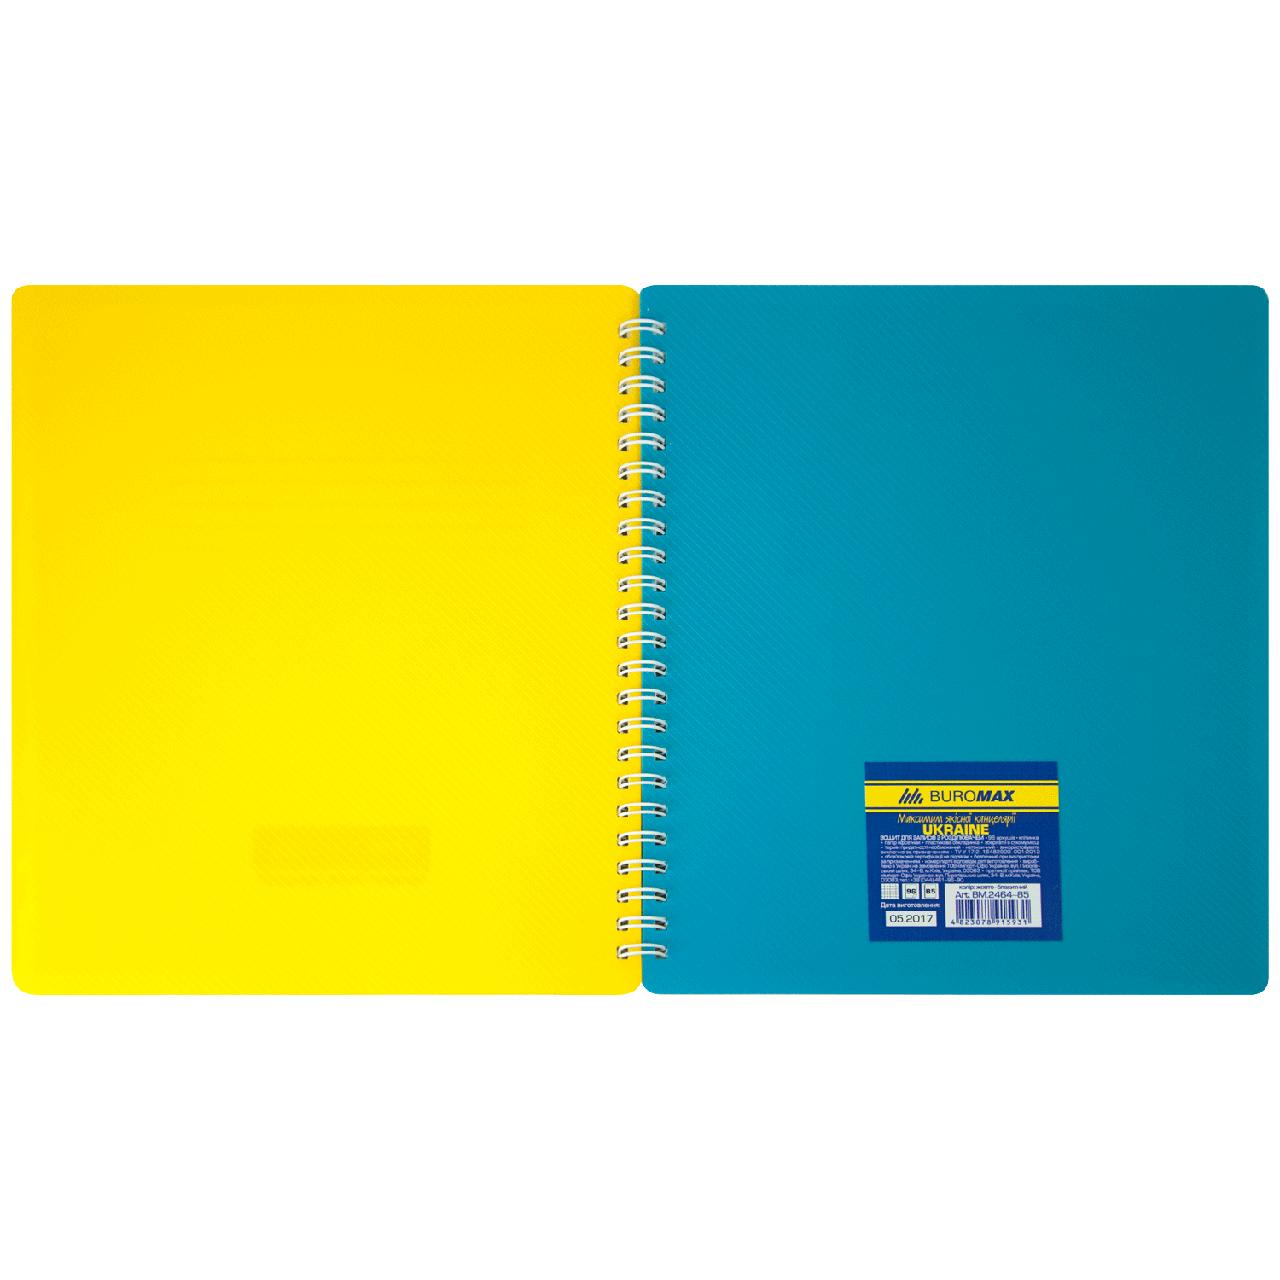 Тетрадь для записей UKRAINE, В5, 96 л., клетка, с разделителем, пластиковая обложка, желтая/голубая